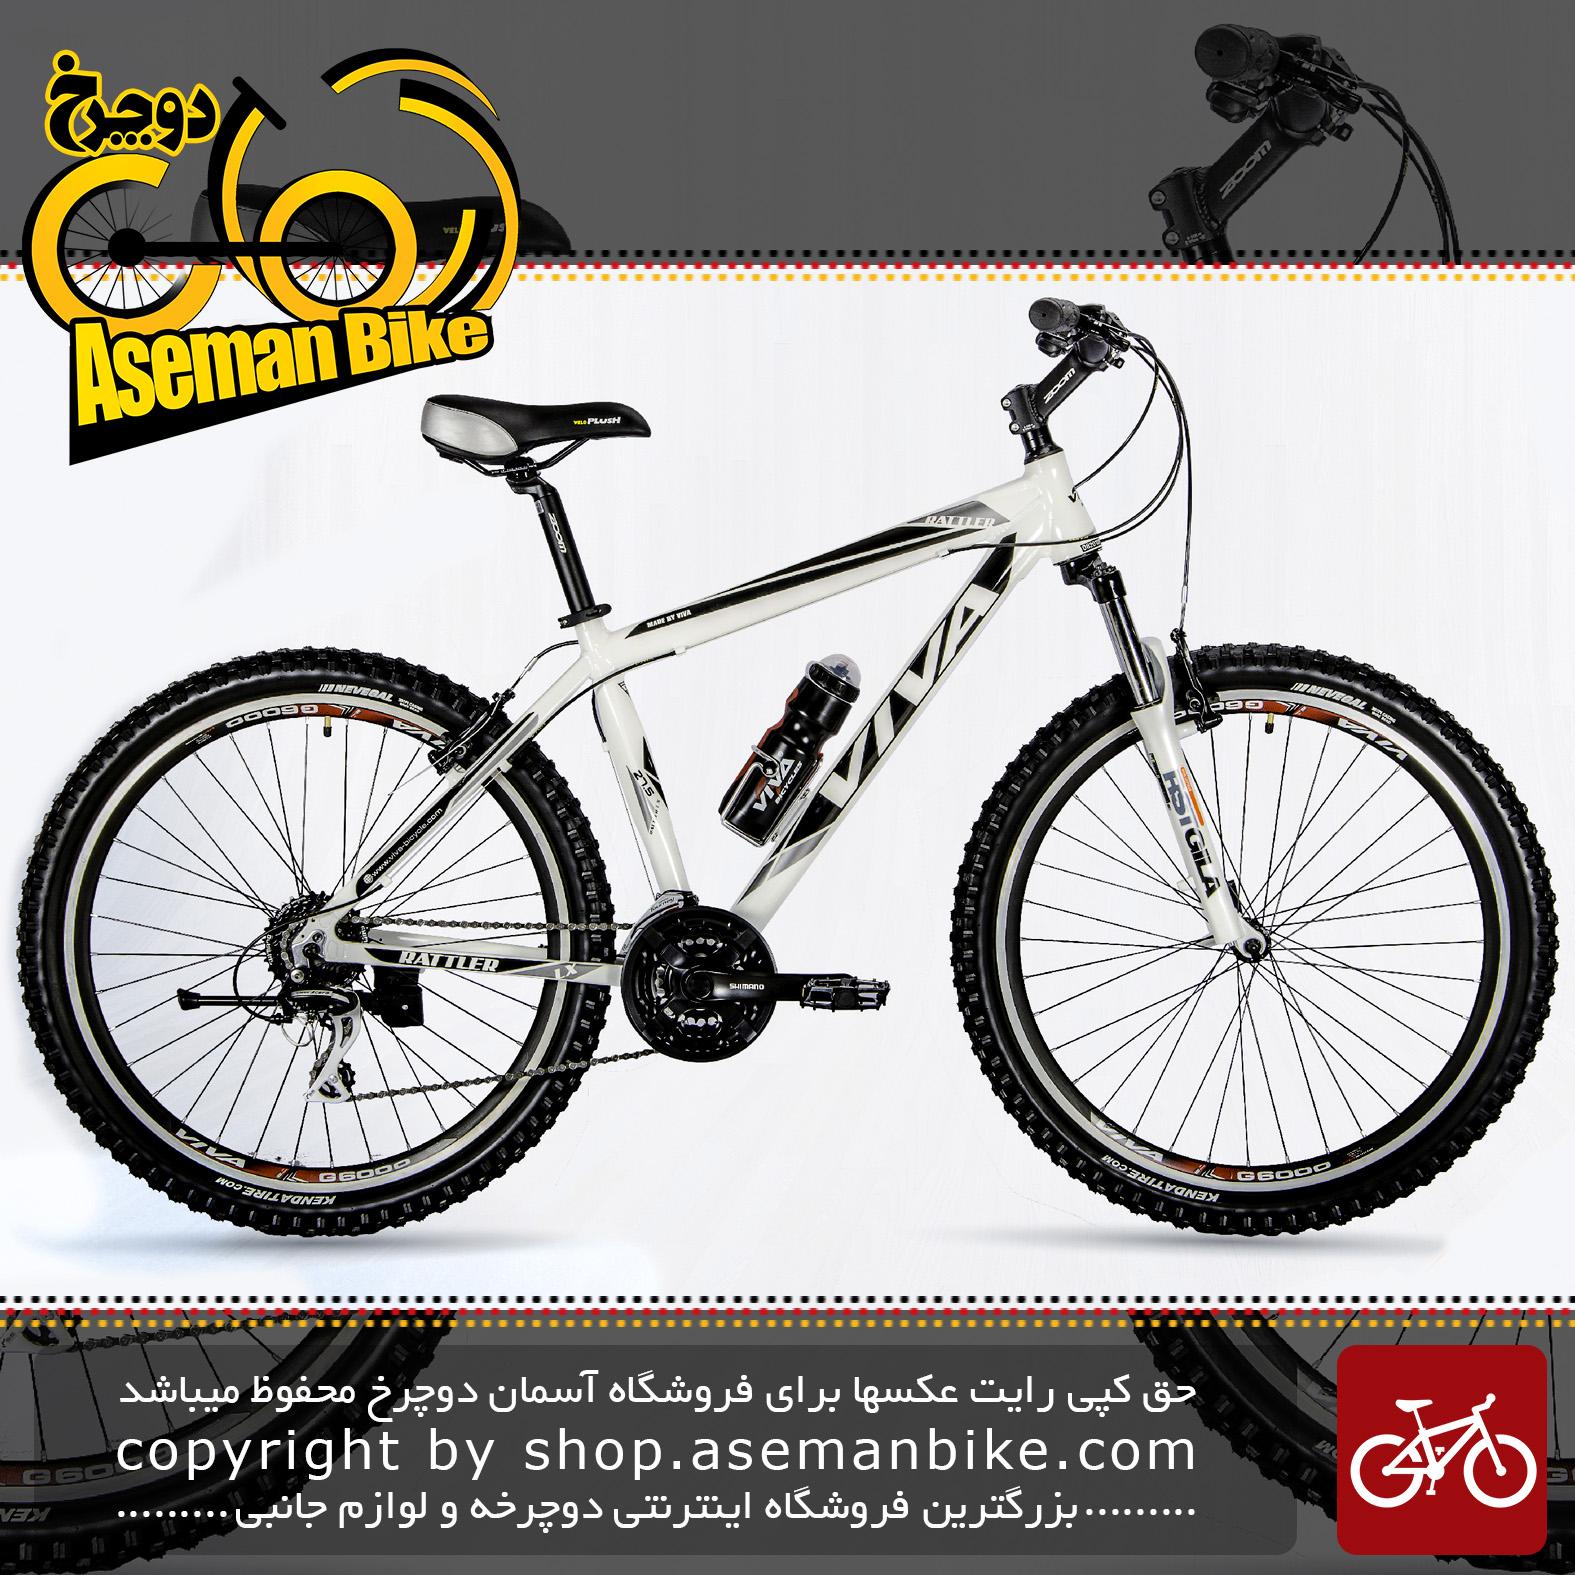 دوچرخه کوهستان شهری ویوا مدل رتلر ال ایکس ۲۴ دنده سایز ۲۷٫۵ ترمز شیمانو Viva Mountain City Bicycle RATTLER LX 18 Shimano 27.5 2018